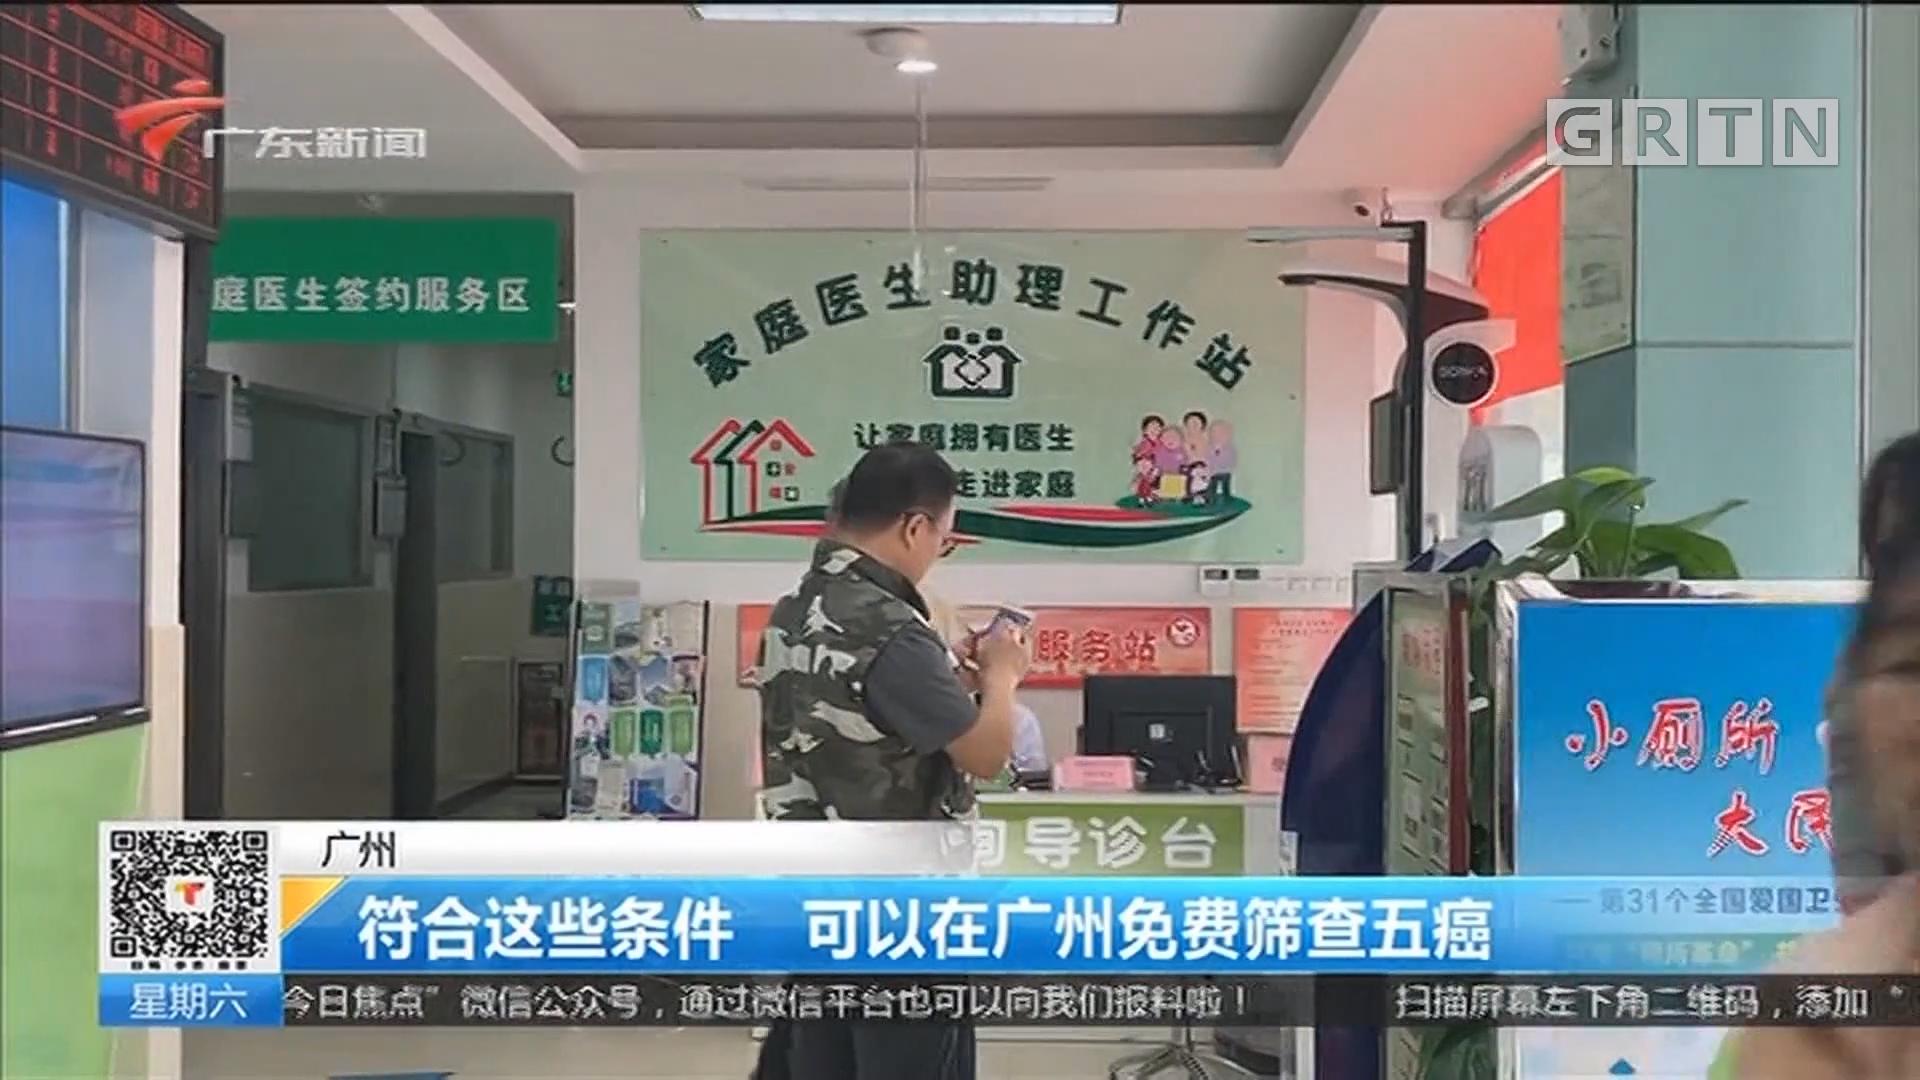 广州 符合这些条件 可以在广州免费筛查五癌